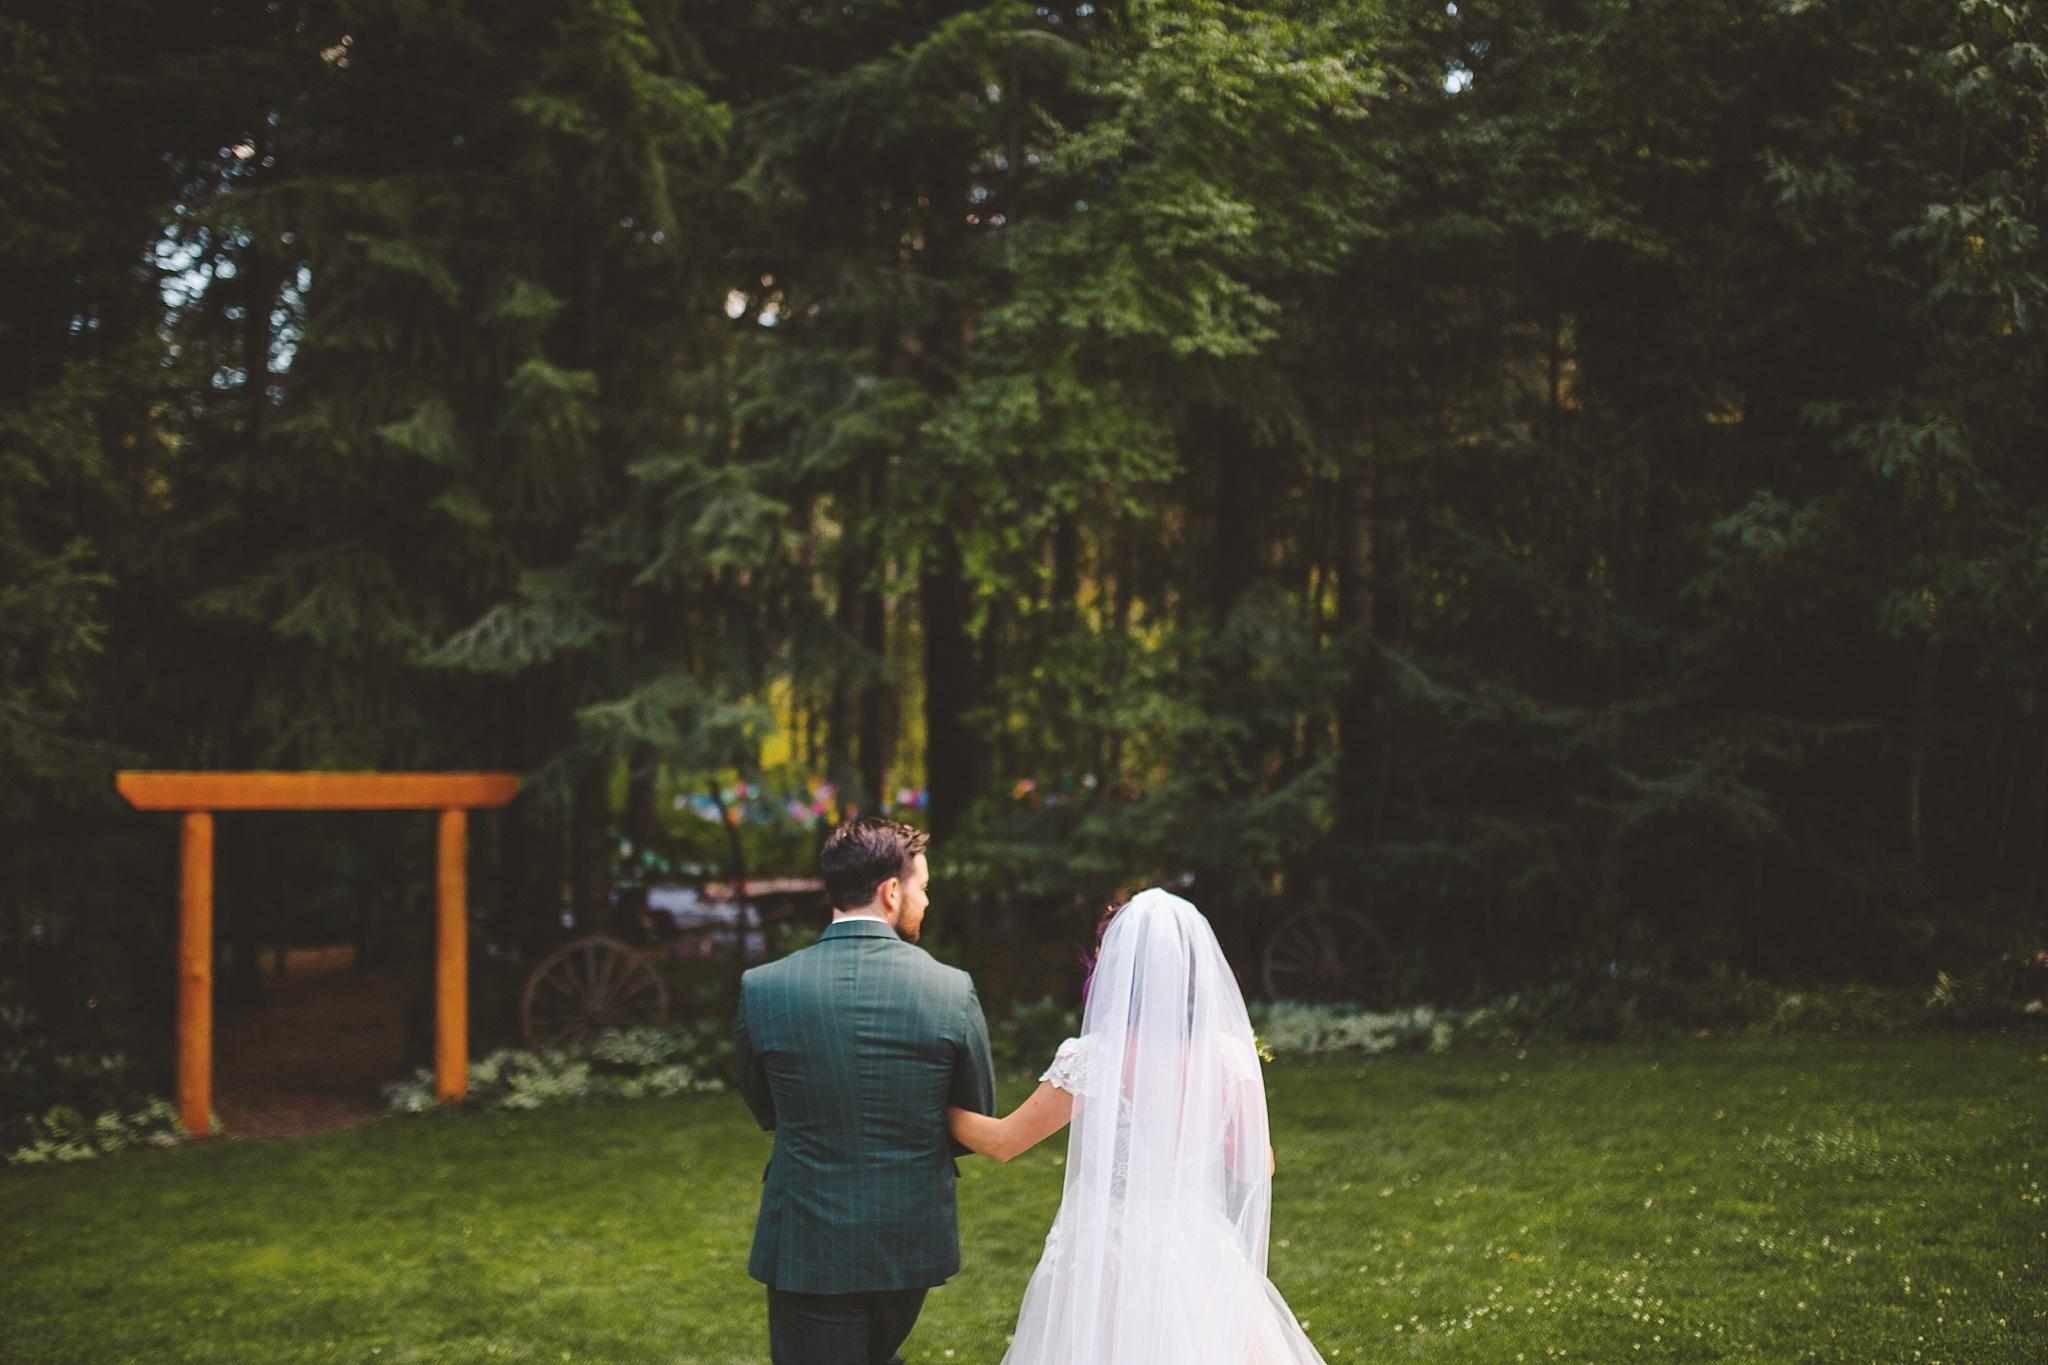 outdoor wedding in the woods